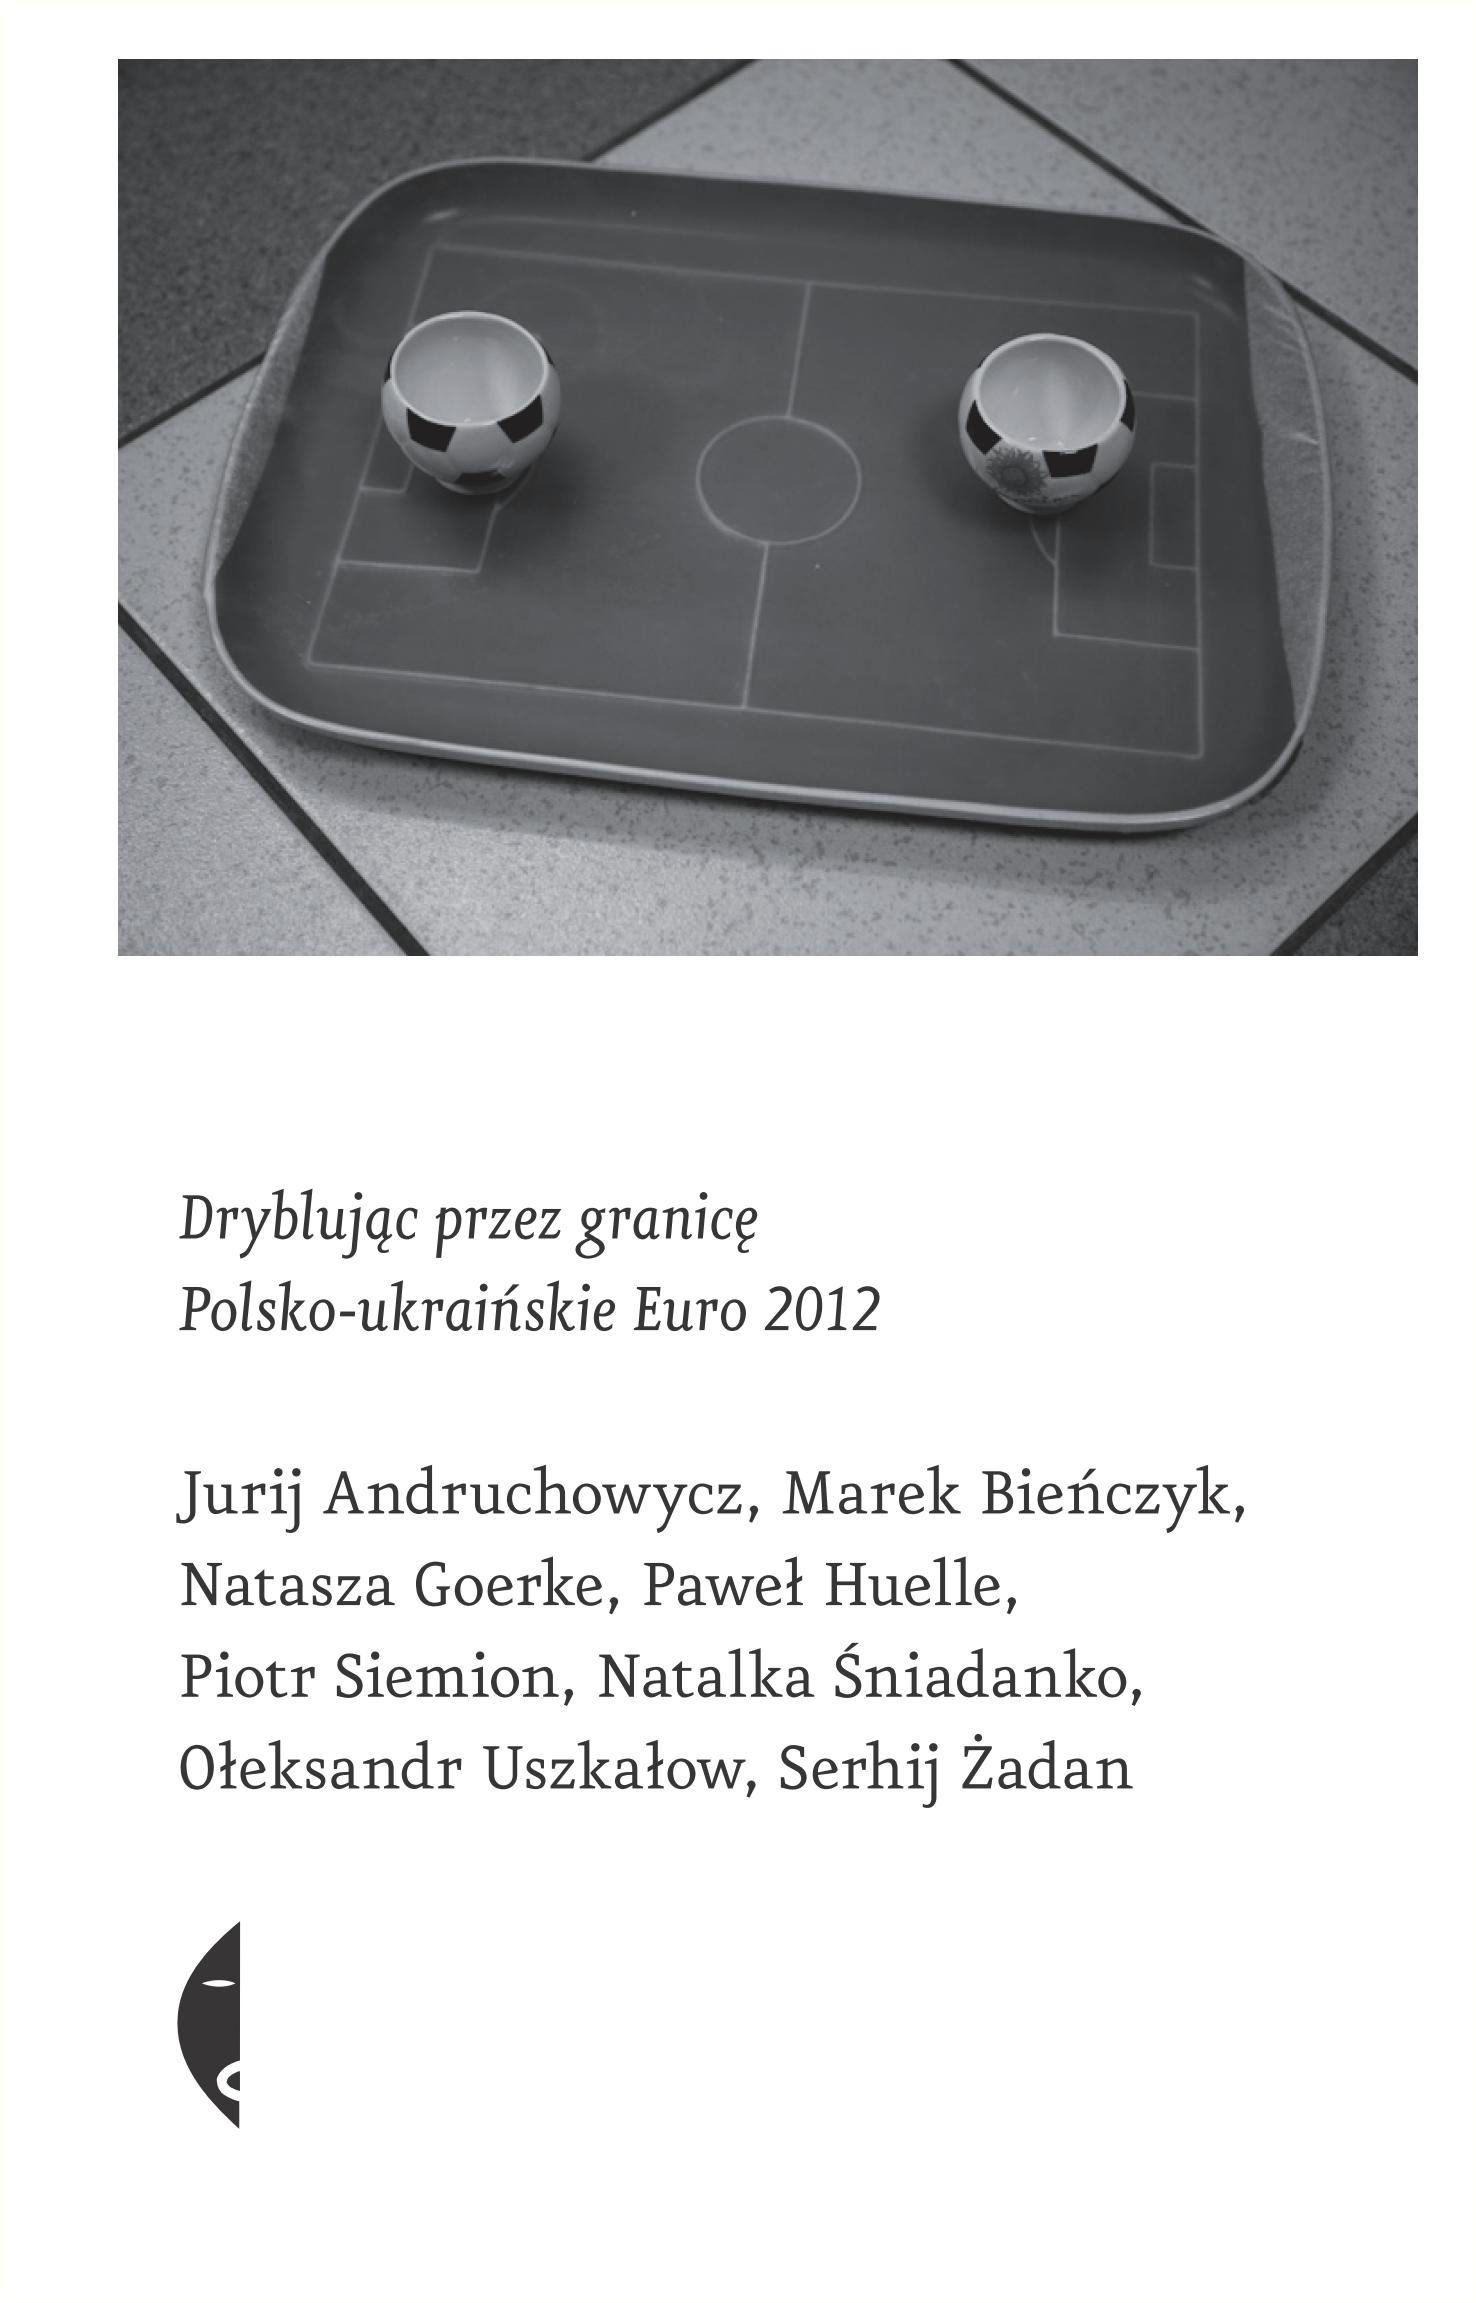 """""""Dryblując przez granicę. Polsko-ukraińskie Euro 2012"""", red. Monika Sznajderman, Serhij Żadan, okładka książki (źródło: materiały prasowe)"""